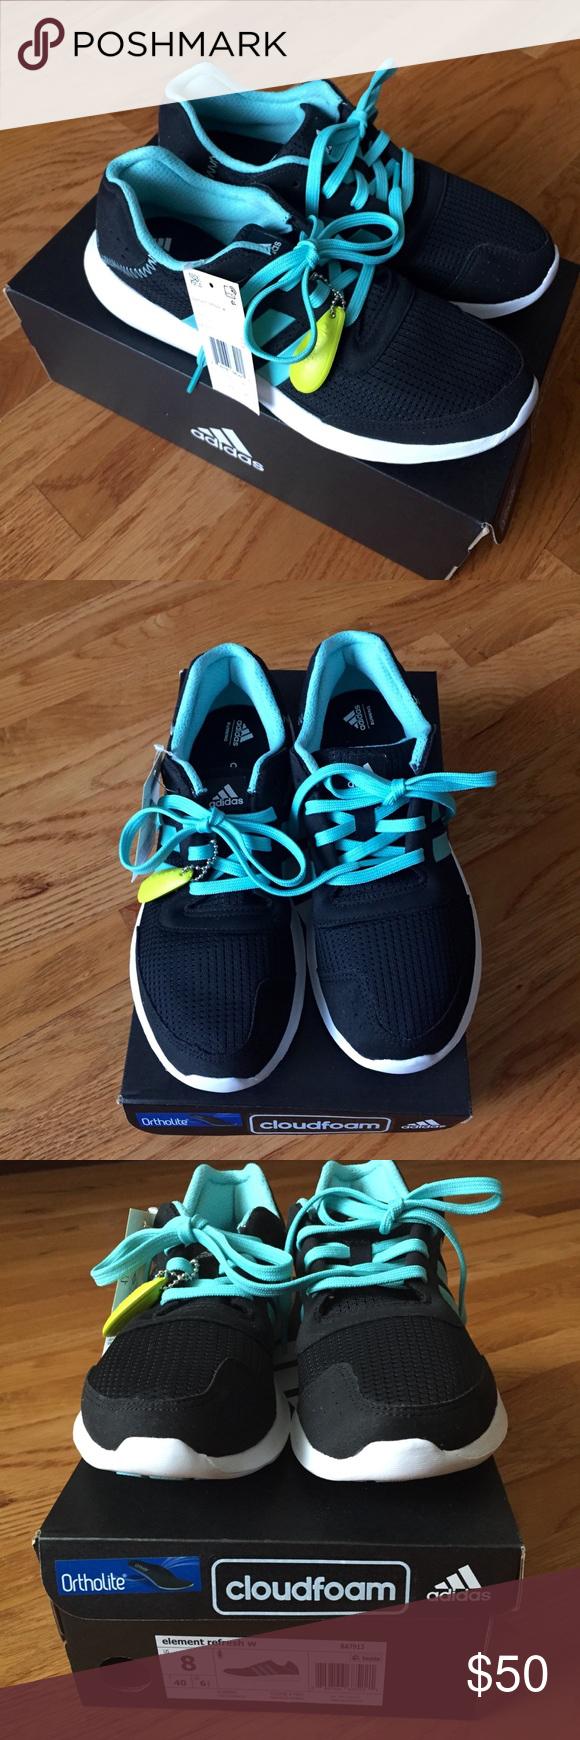 NIB adidas cloudfoam Ortholite zapatillas nuevas en caja adidas